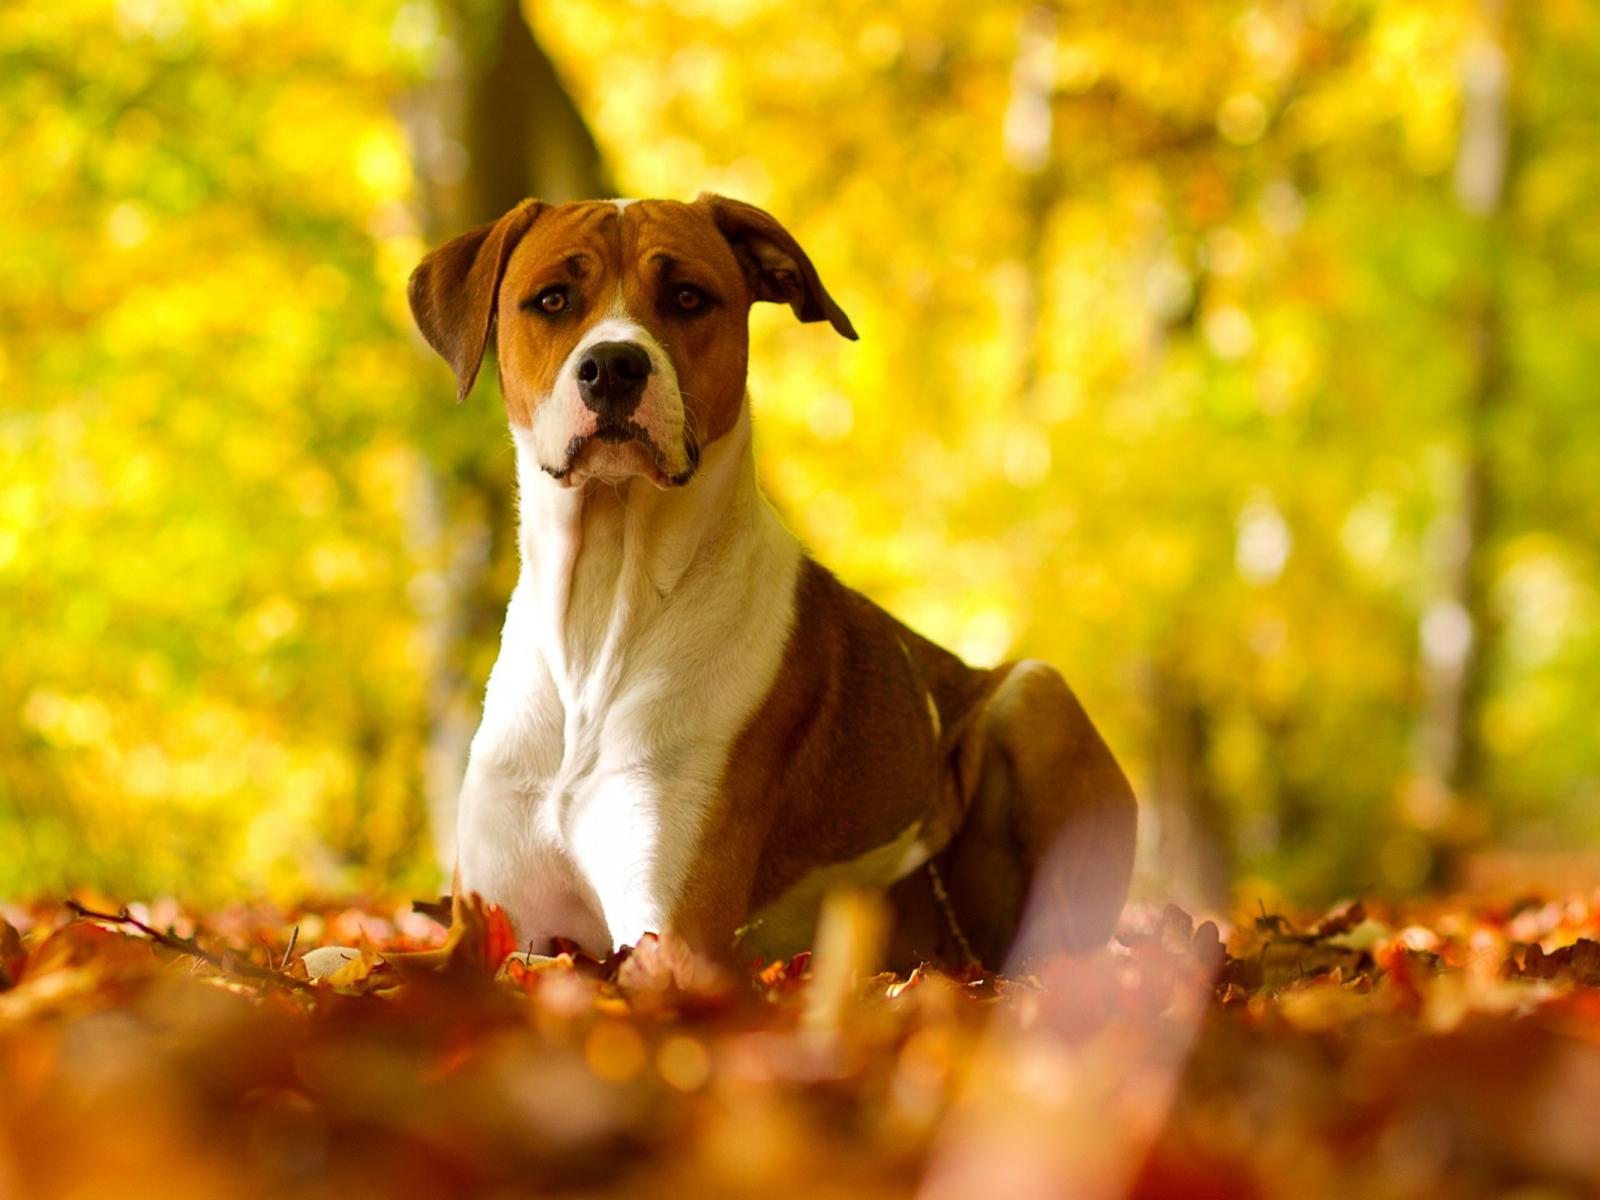 Dog Dogs Wallpaper 32691594 Fanpop